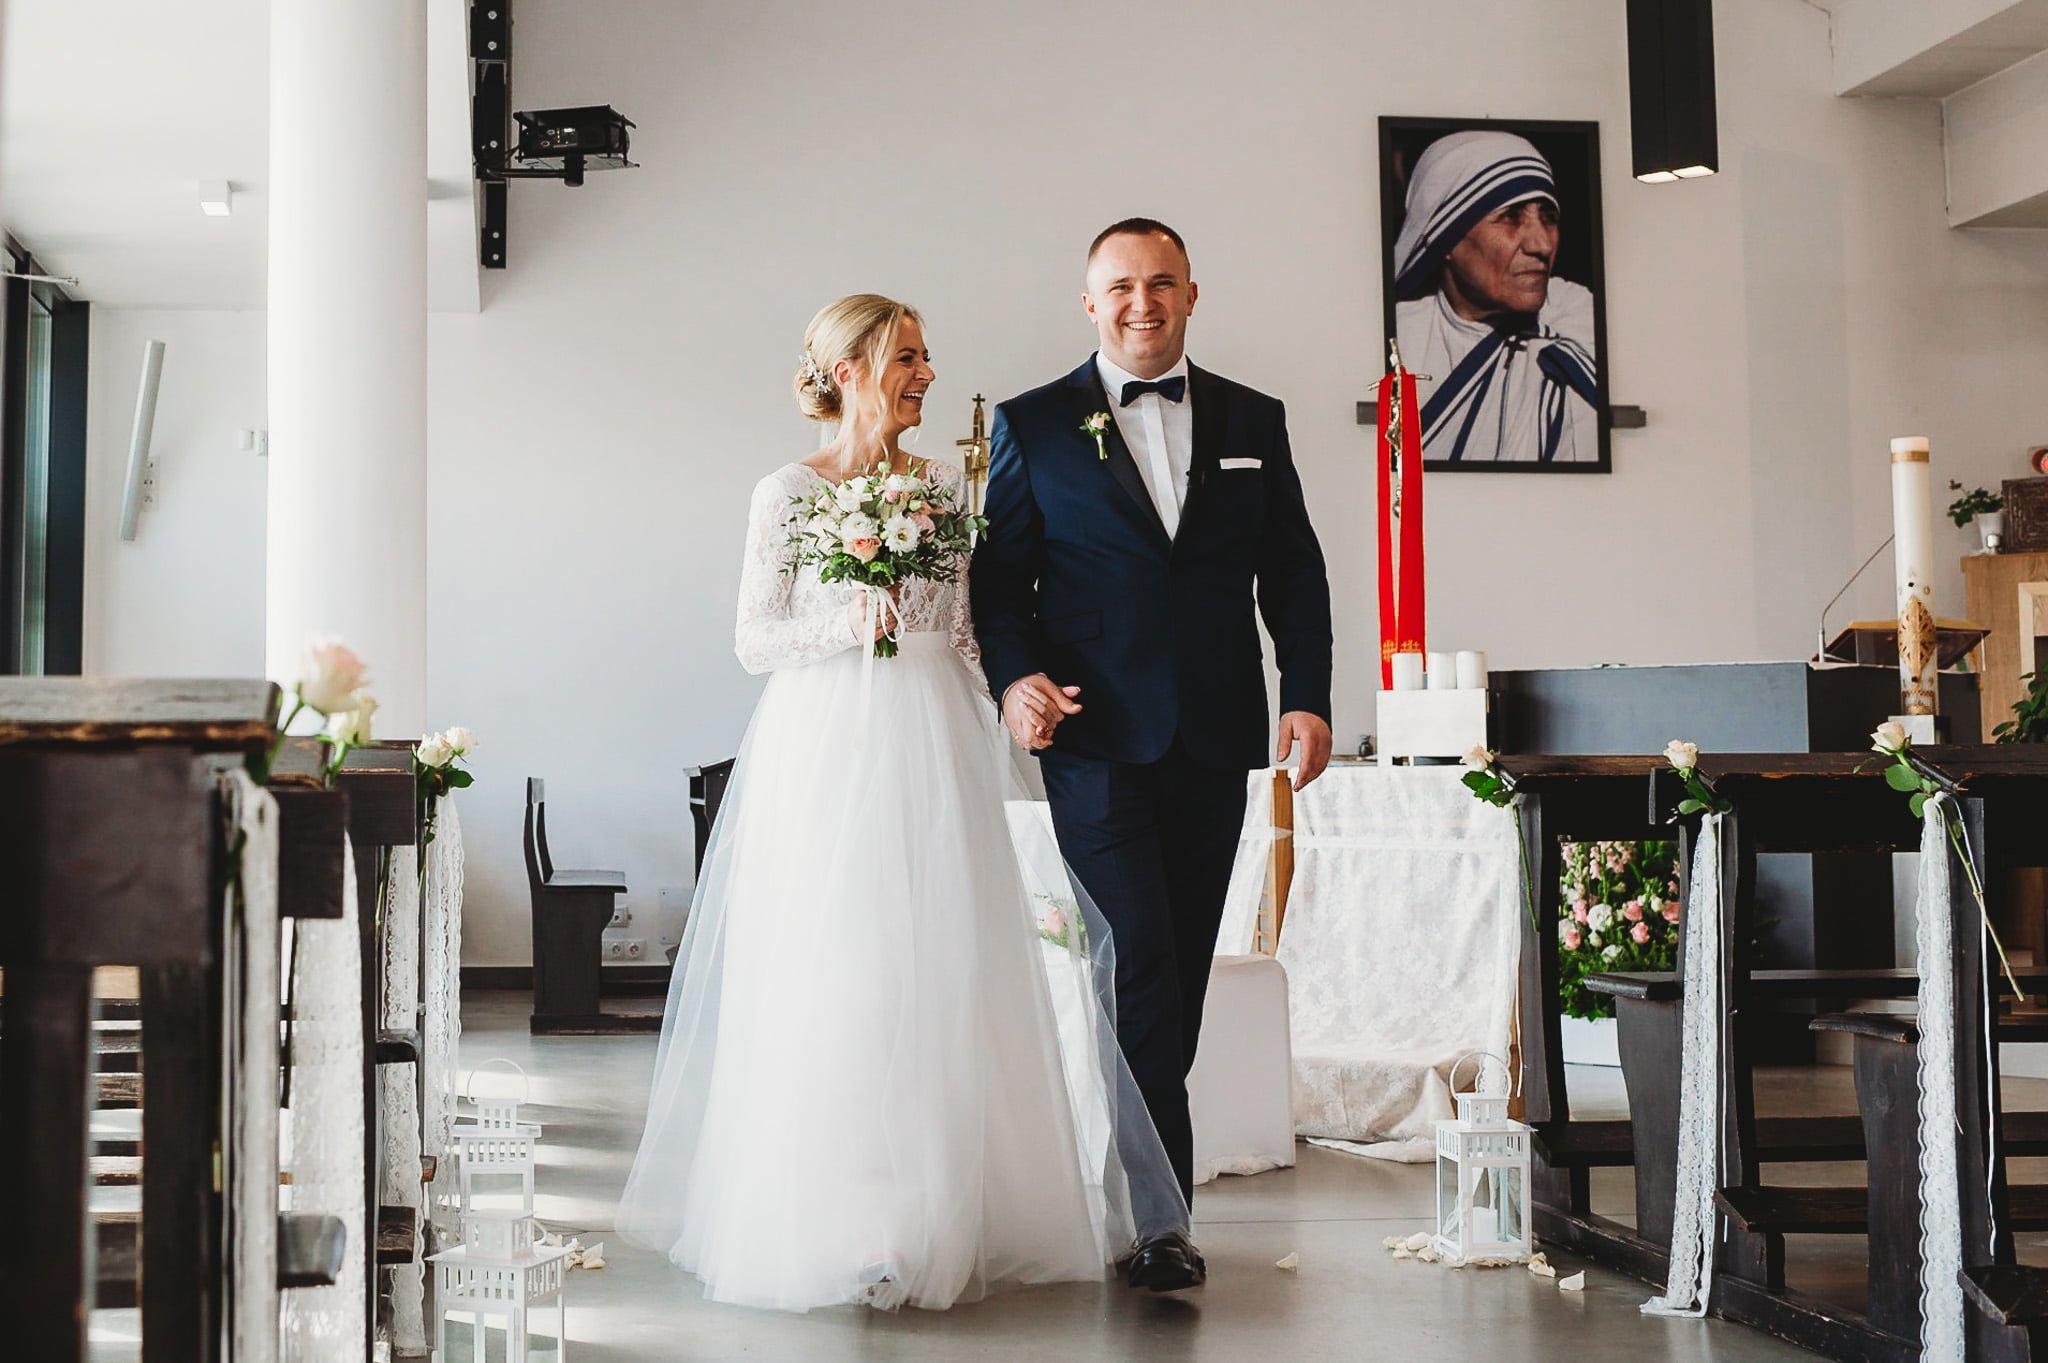 szczęśliwa para młoda z uśmiechem wychodzi z kościoła-fotograf ślubny poznań